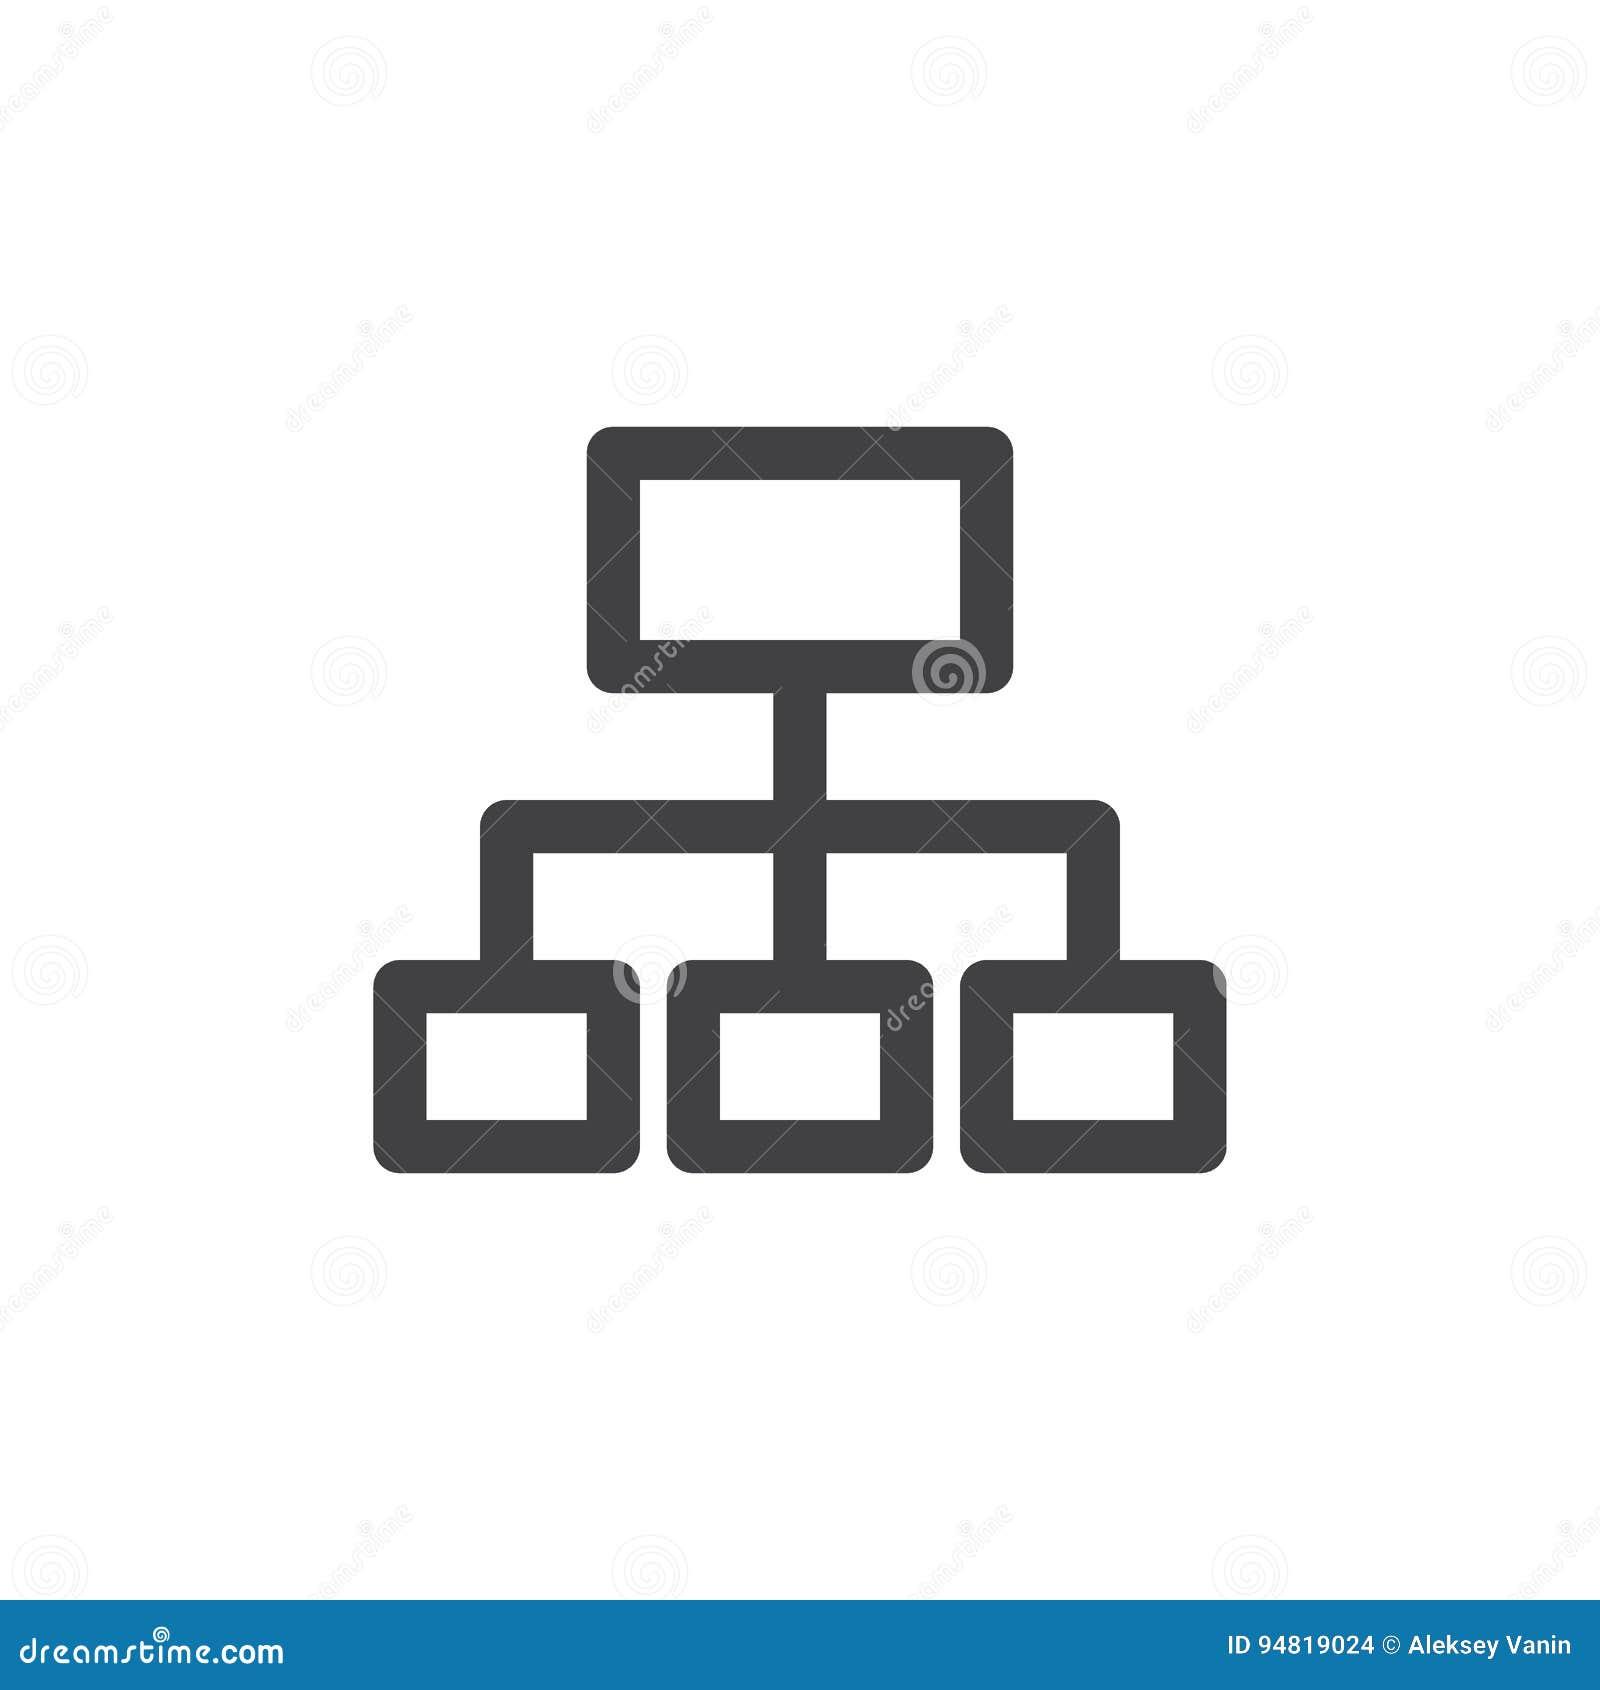 Εικονίδιο γραμμών Sitemap, διανυσματικό σημάδι περιλήψεων, γραμμικό εικονόγραμμα ύφους που απομονώνεται στο λευκό